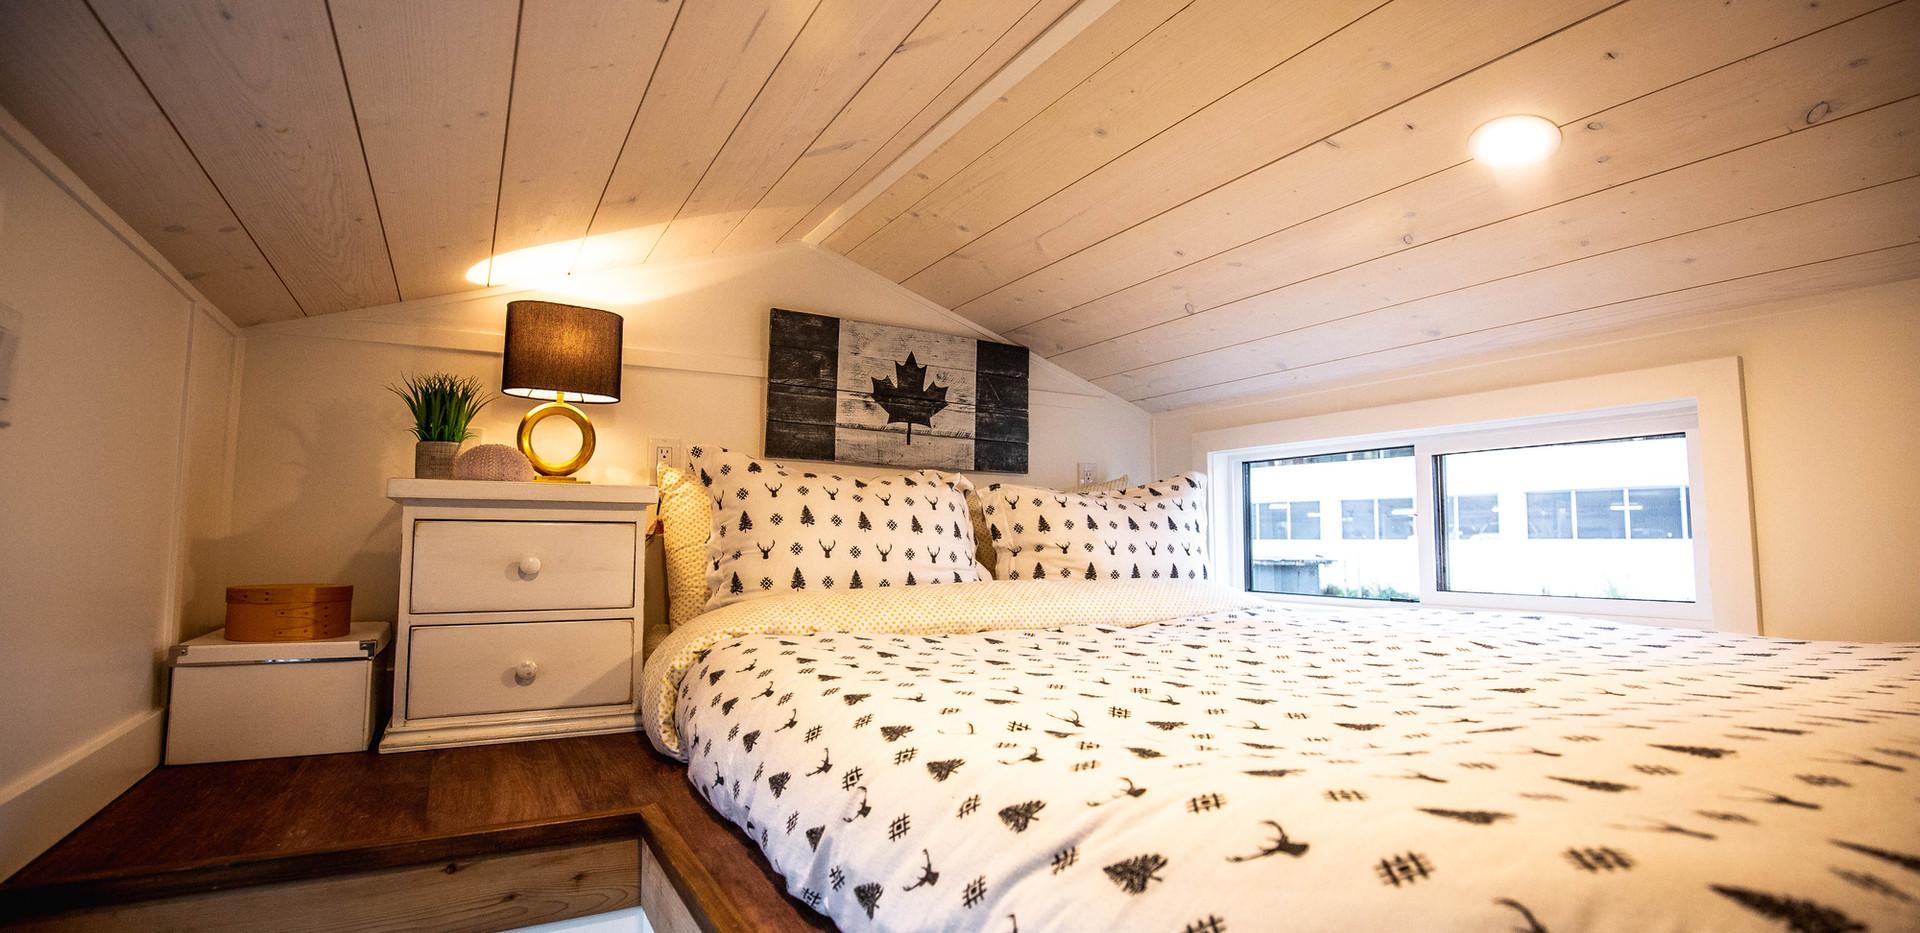 Sunshine Tony homes interior 6 (1 of 1).